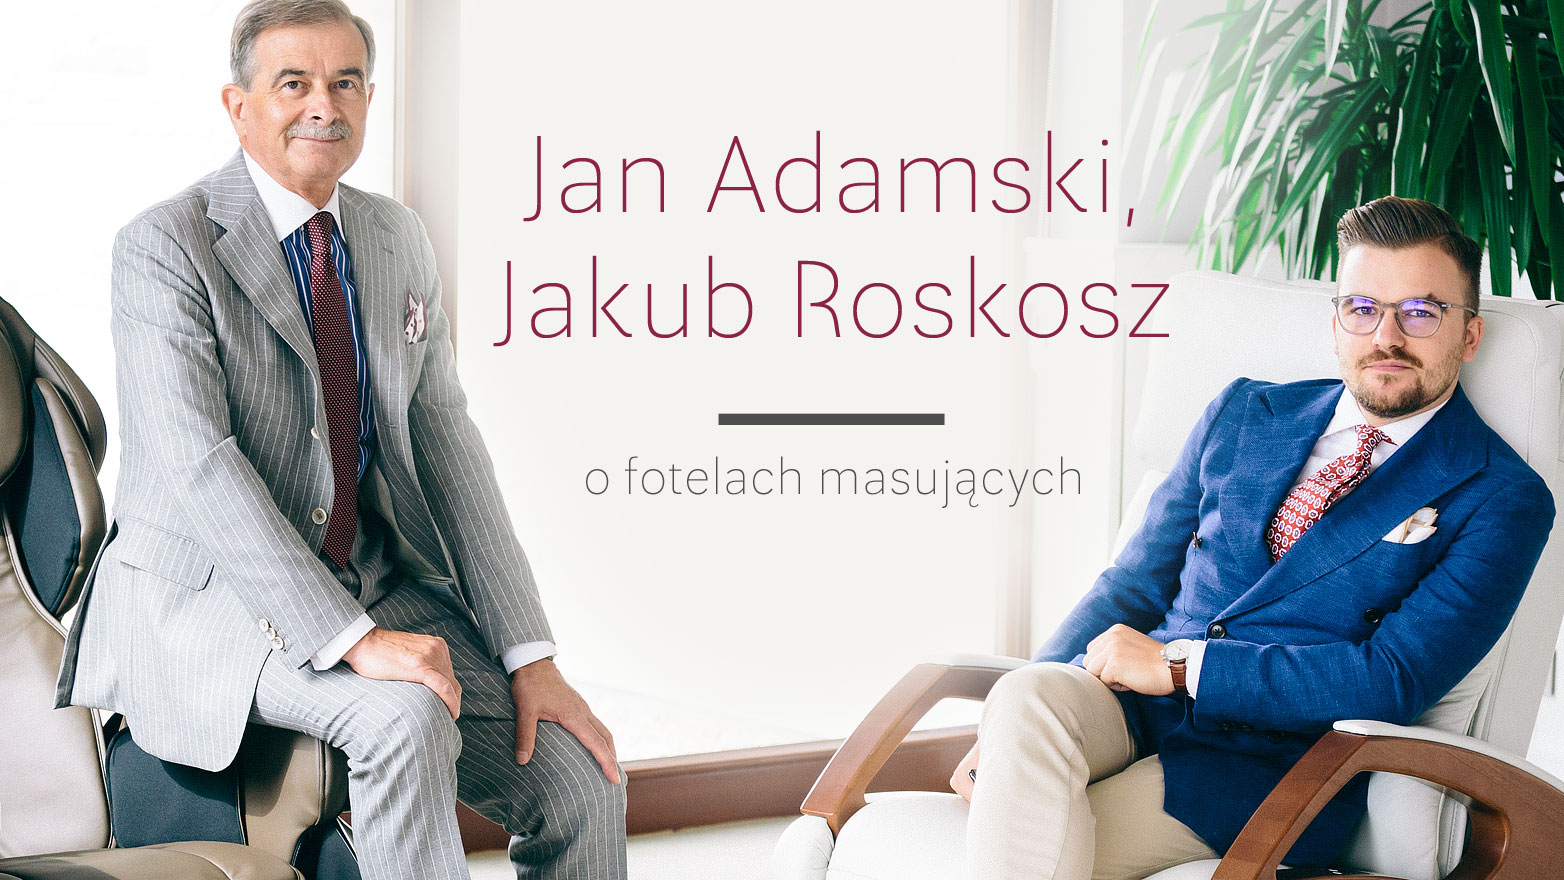 Jan Adamski i Jakub Roskosz o fotelach masujących